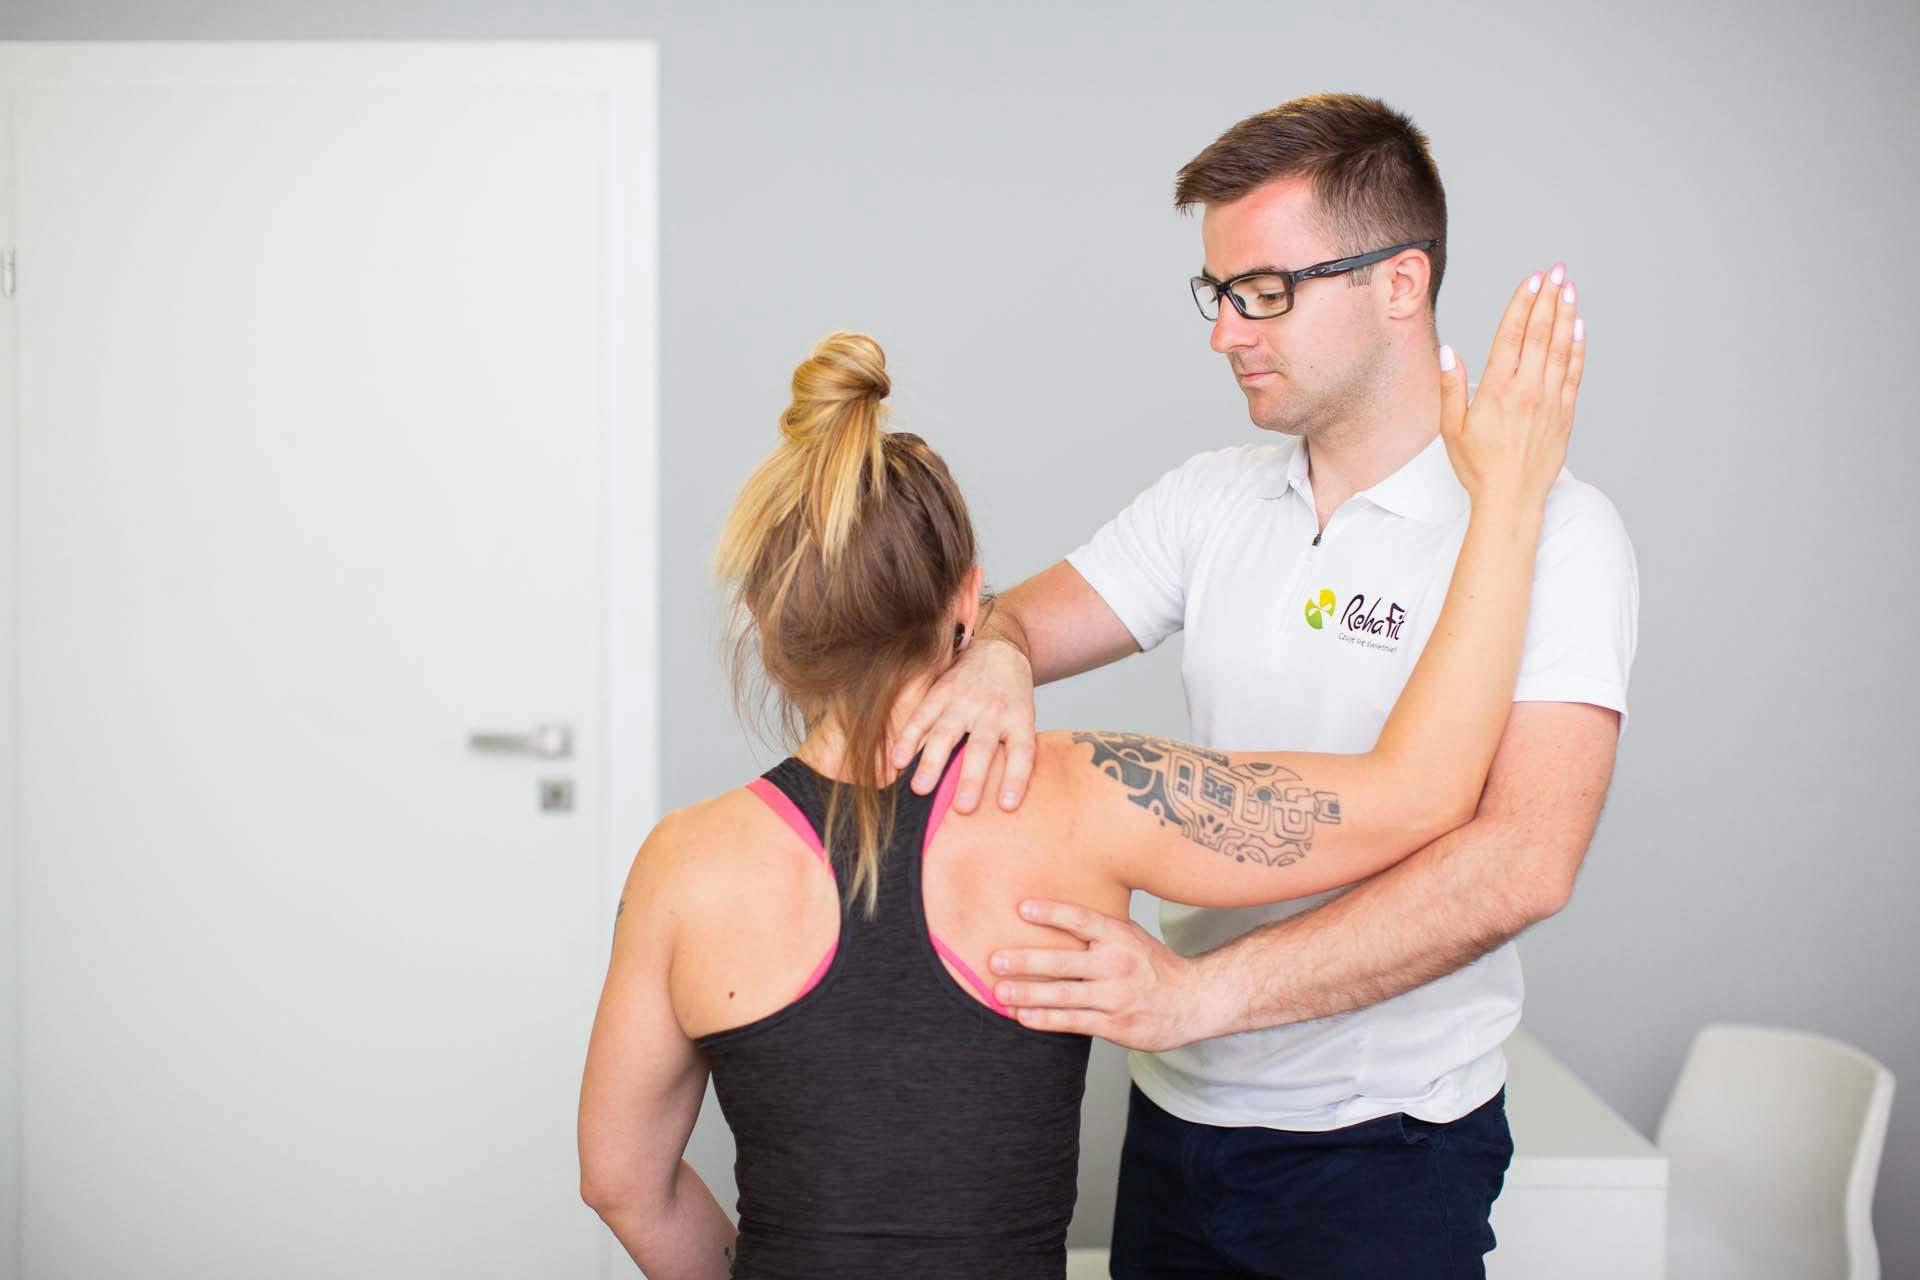 Fizjoterapeuta z centrum RehaFit podczas fizjoterapii stawu ramiennego.